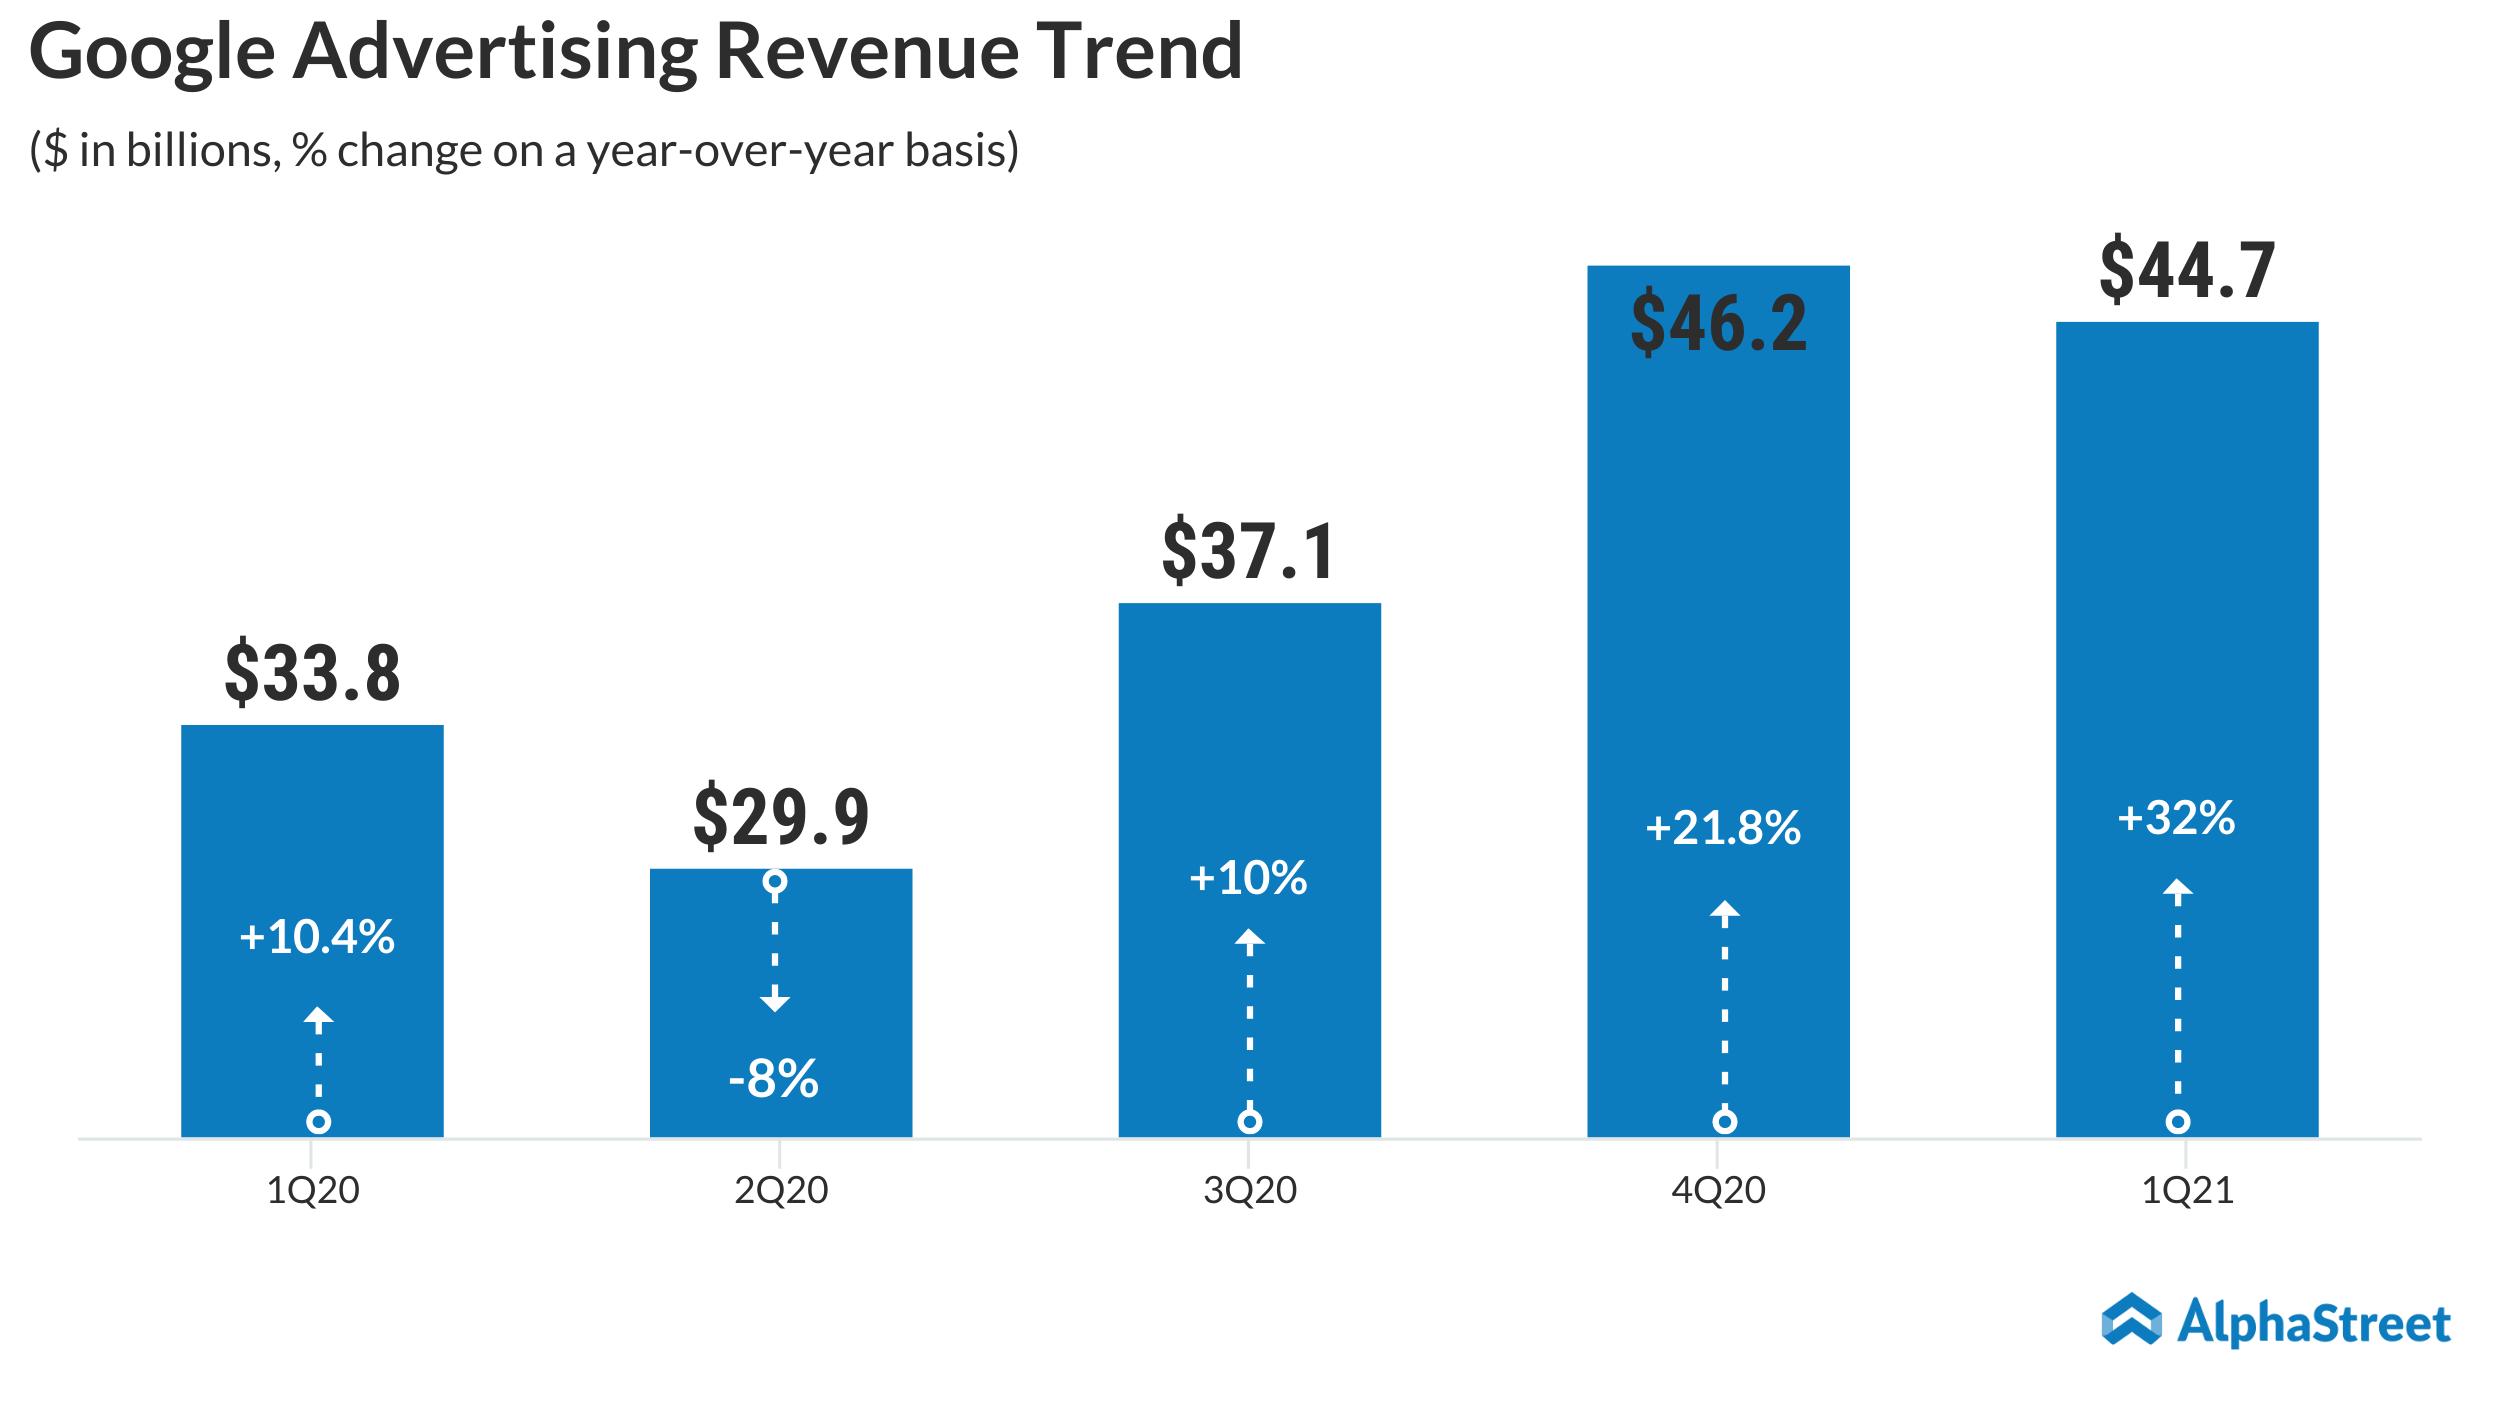 Google Advertising Revenue Trend